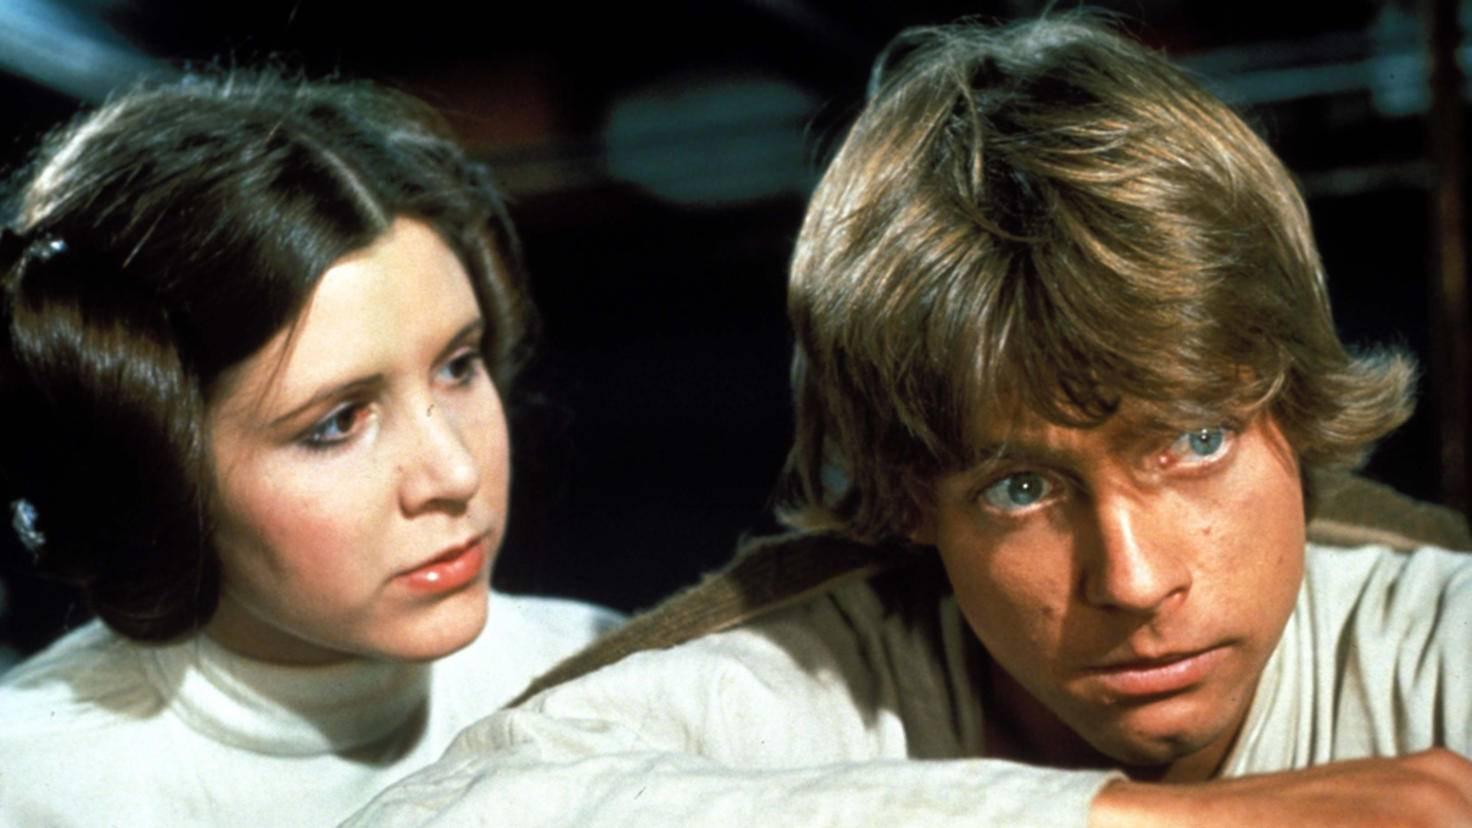 Die Freude war groß, als bekannt wurde, dass Carrie Fisher und Mark Hamill auch in der Sequel-Trilogie mitspielen werden.